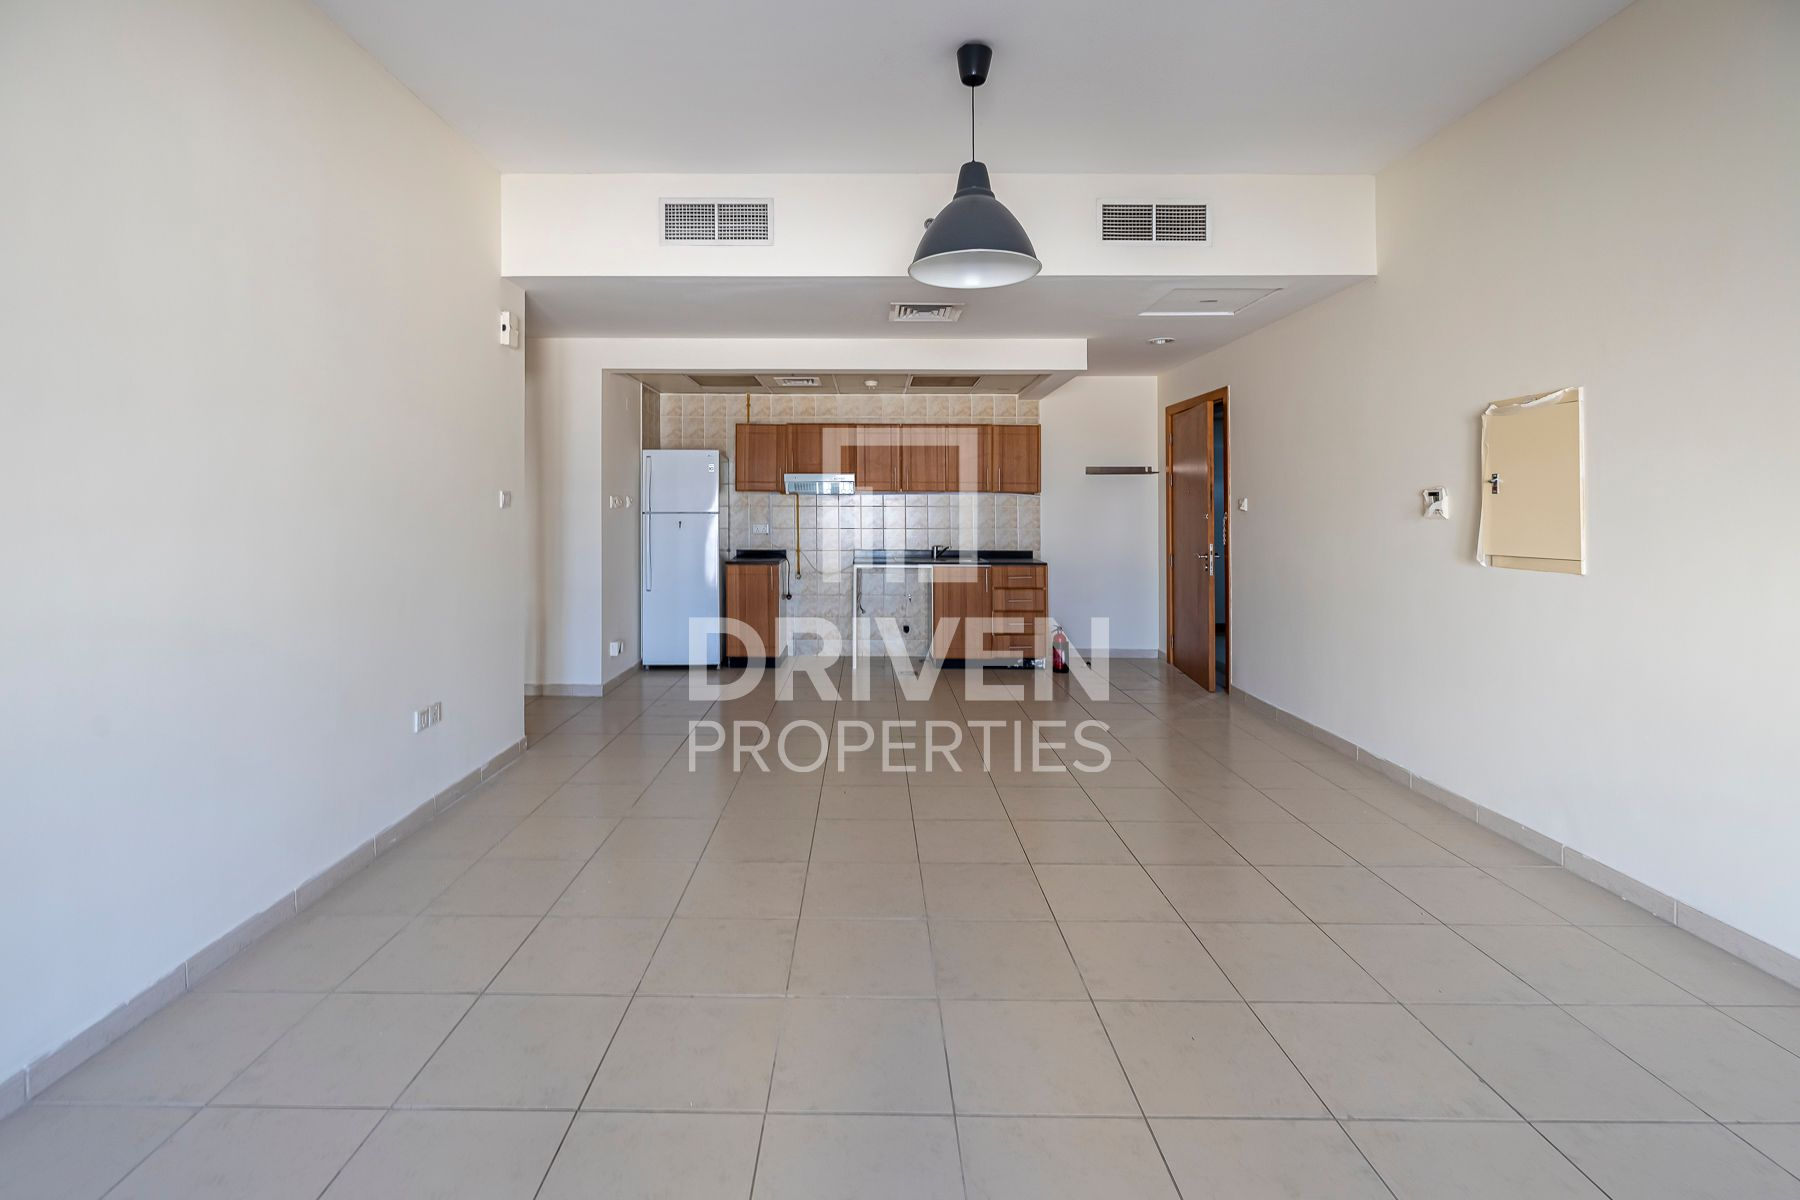 976 قدم مربع  شقة - للايجار - قرية الجميرا سركل